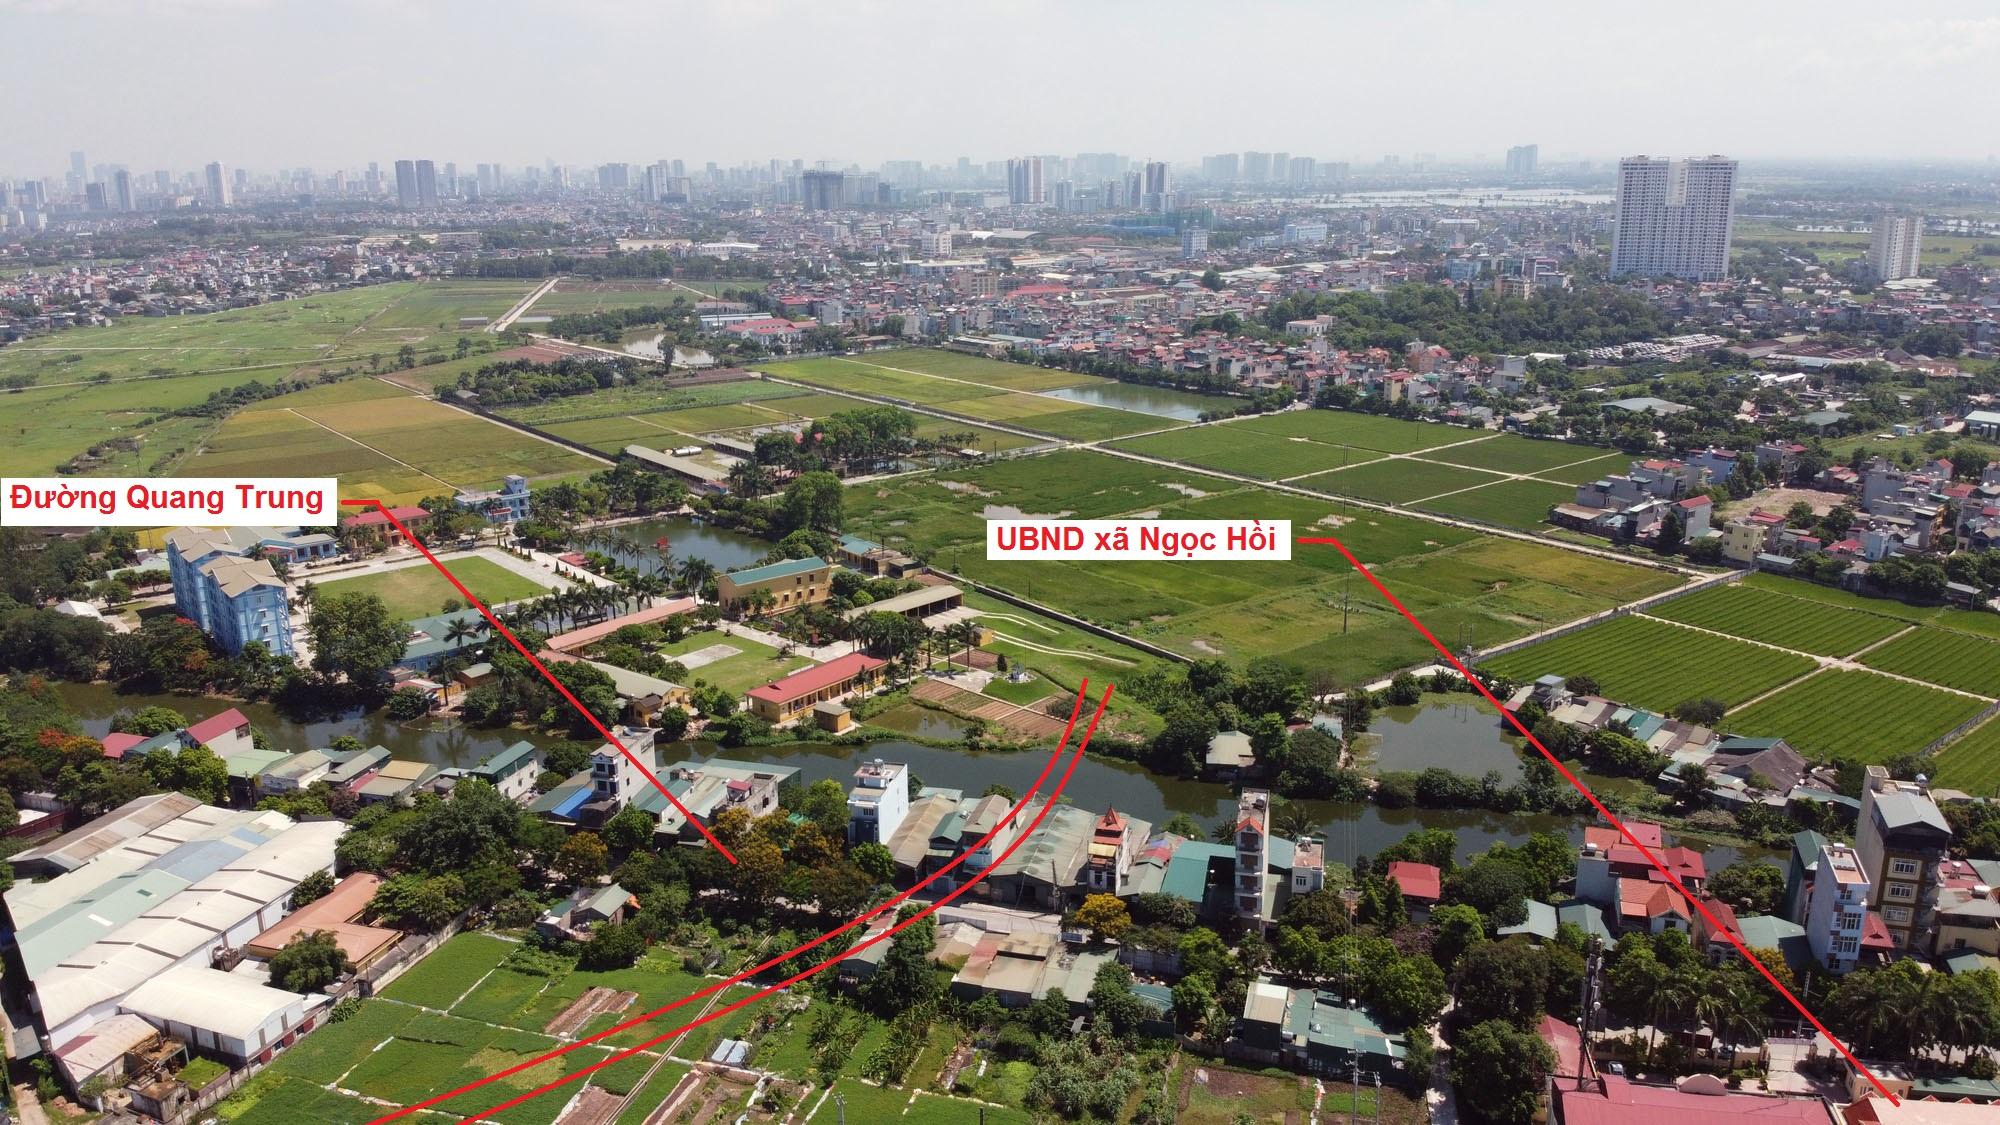 Ba đường sẽ mở theo quy hoạch ở xã Ngọc Hồi, Thanh Trì, Hà Nội - Ảnh 3.